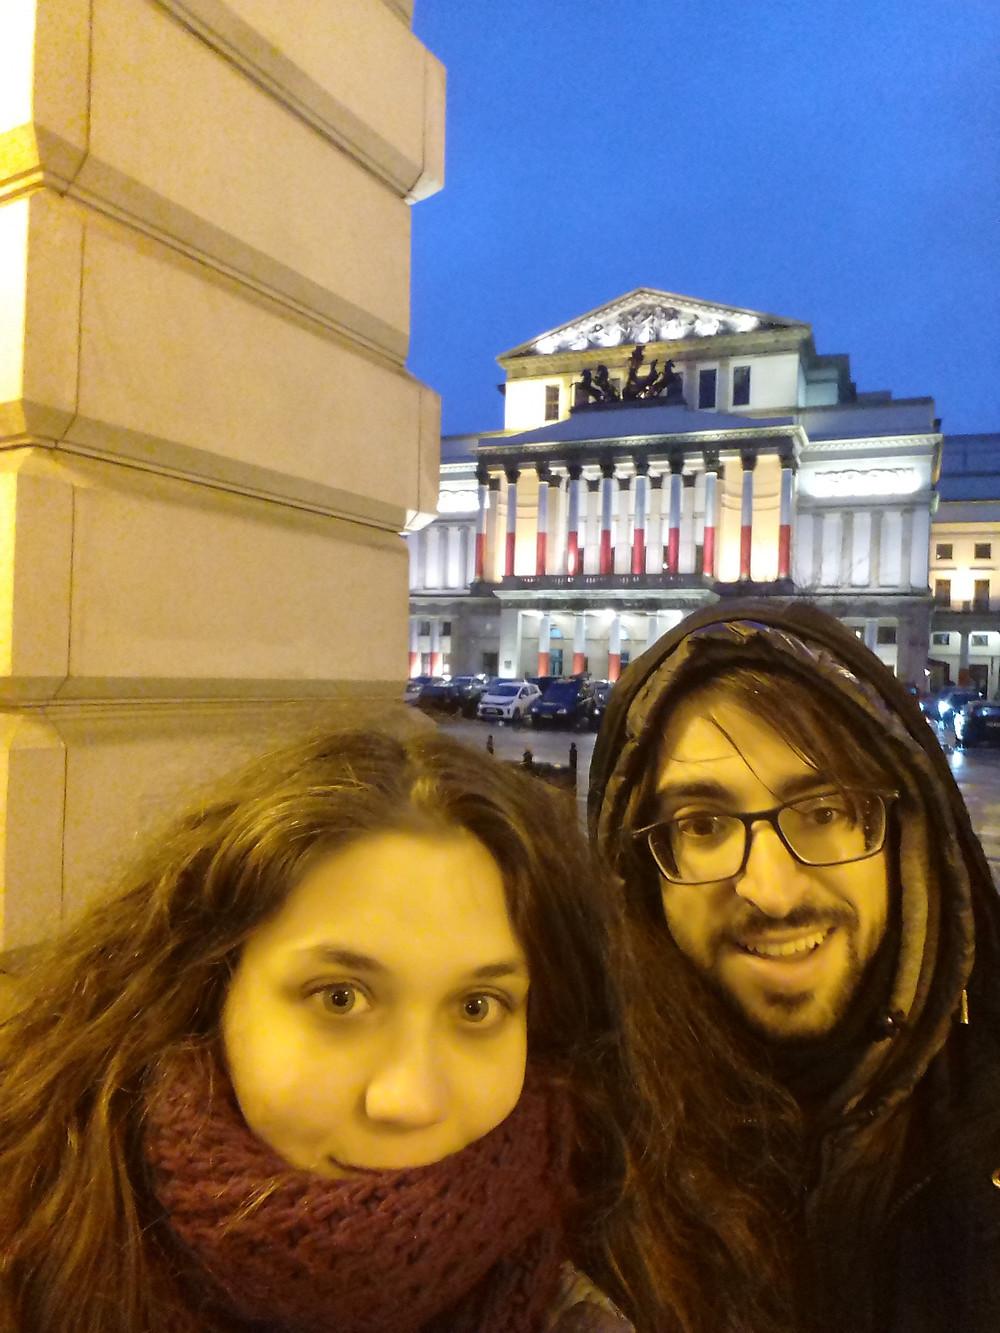 I nostri #BlindfoldTravellers Edoardo e Domitilla hanno festeggiato l'arrivo del nuovo anno a Varsavia, destinazione del loro viaggio a sorpresa Blindfold Travel!